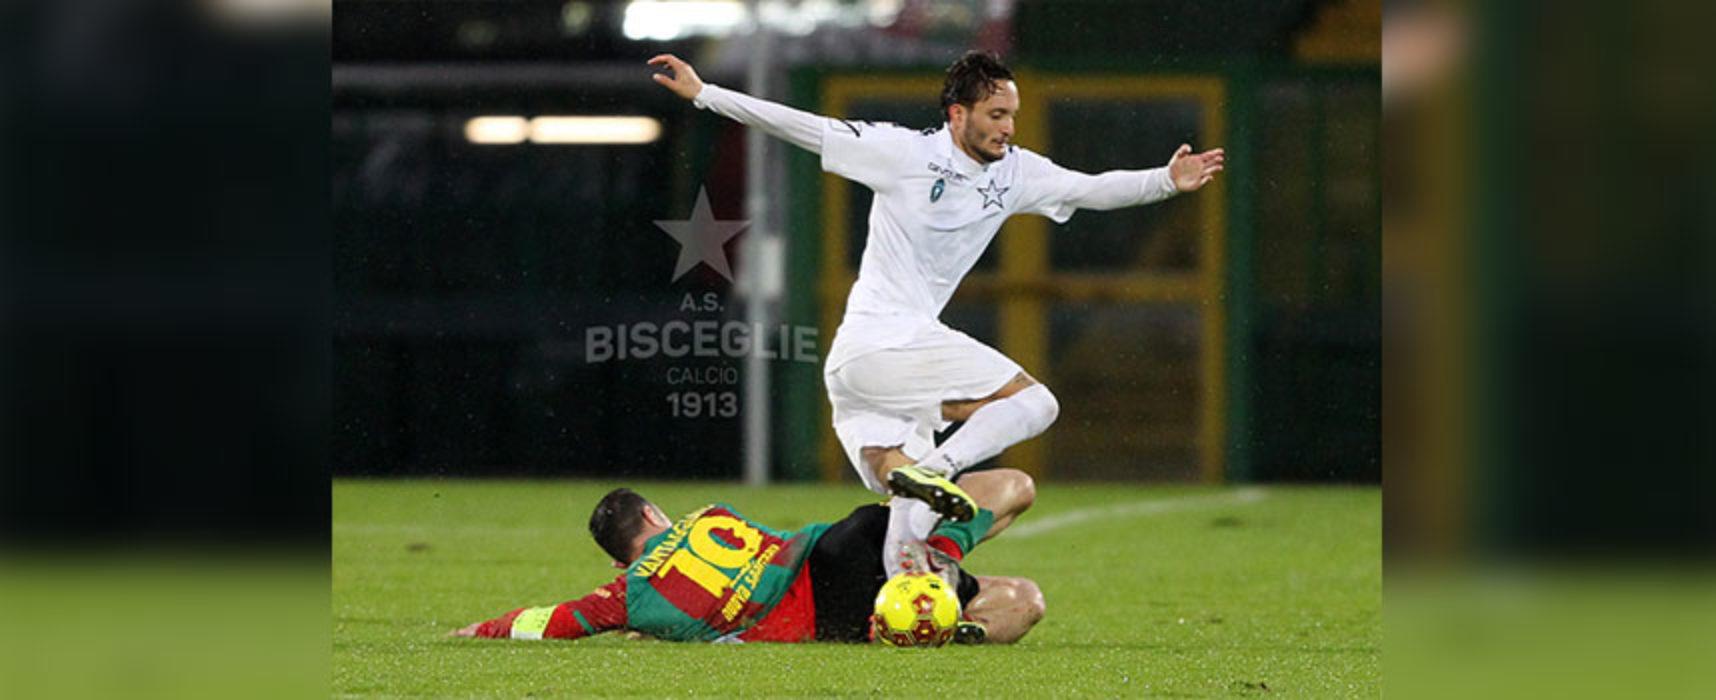 Bisceglie Calcio, con la Ternana nuovo stop esterno